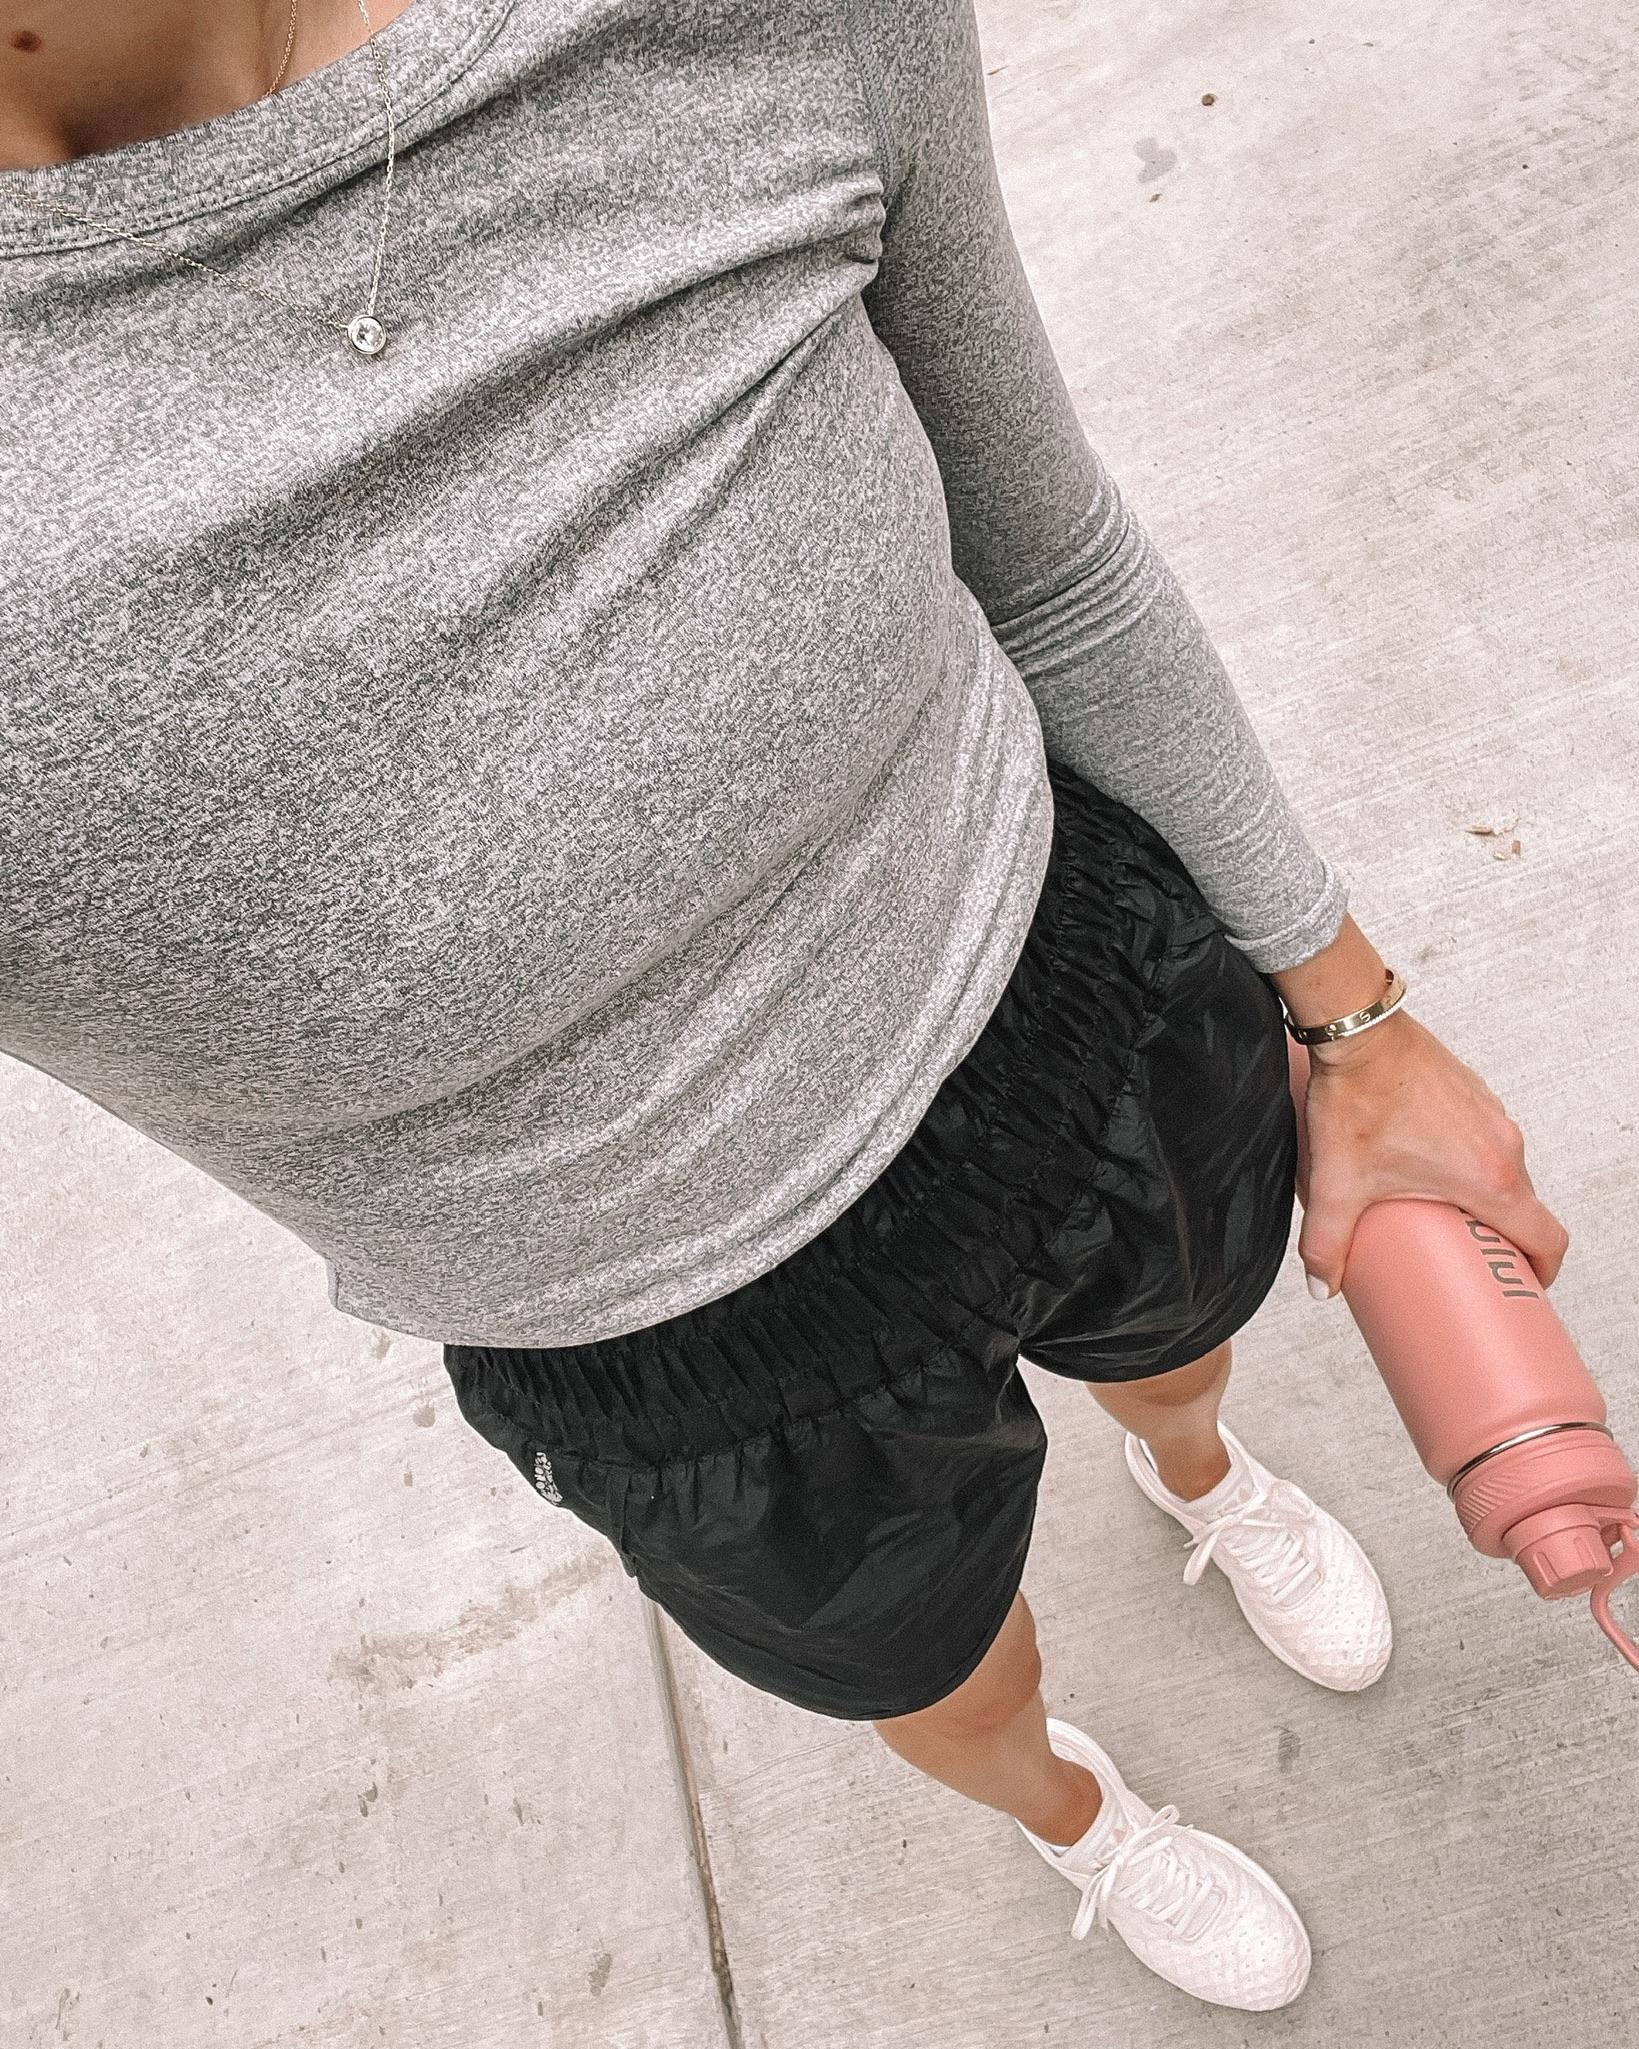 Fashion Jackson Wearing Long Sleeve Grey Workout Top Free People Black Workout Shorts APL Sneakers Pink lululemon Water Bottle